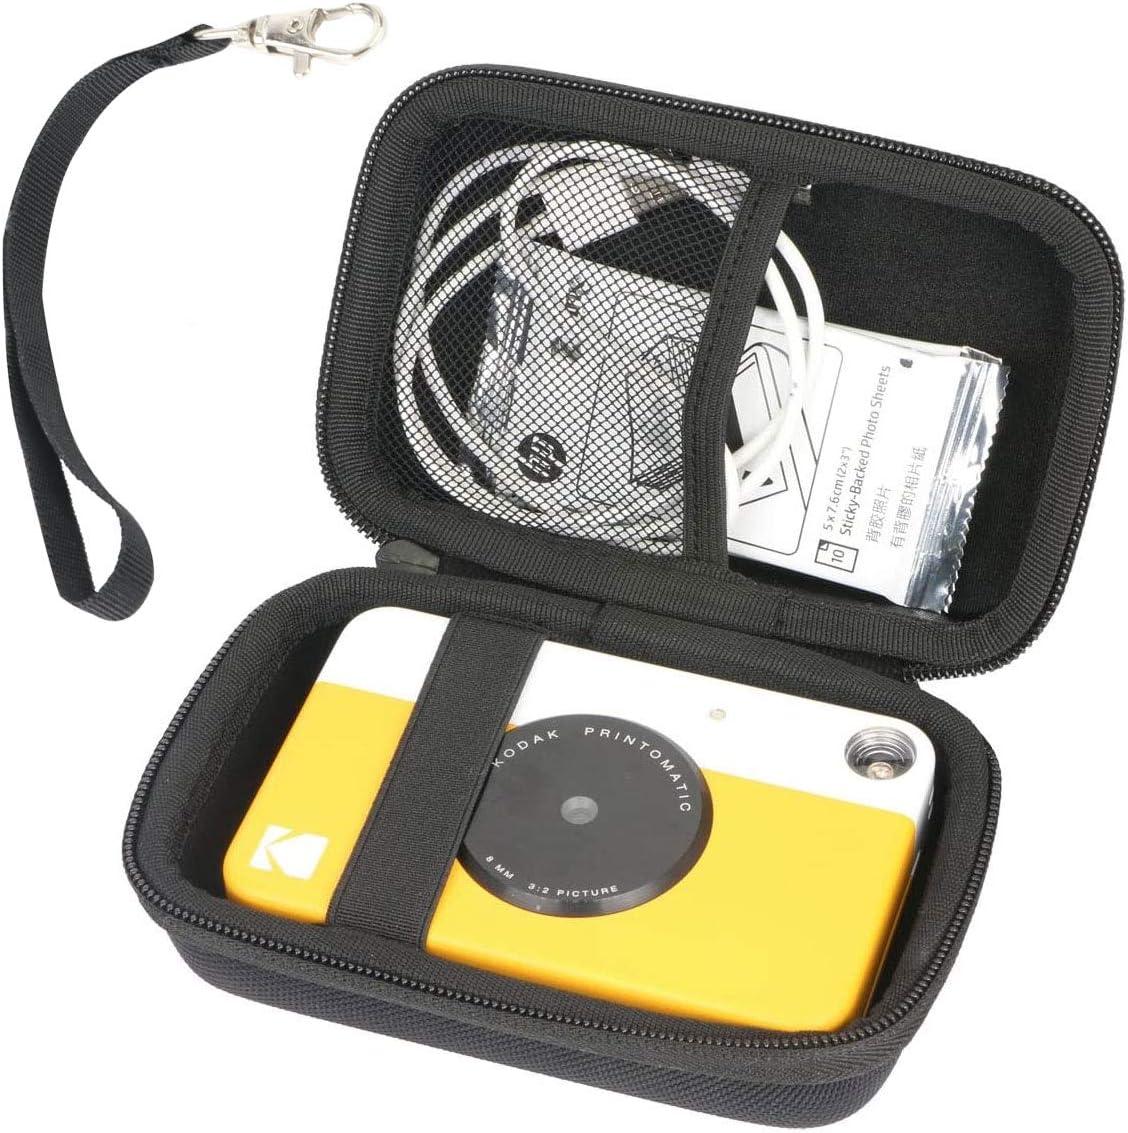 Khanka Case Hart Tasche Für Kodak Printomatic Computer Zubehör